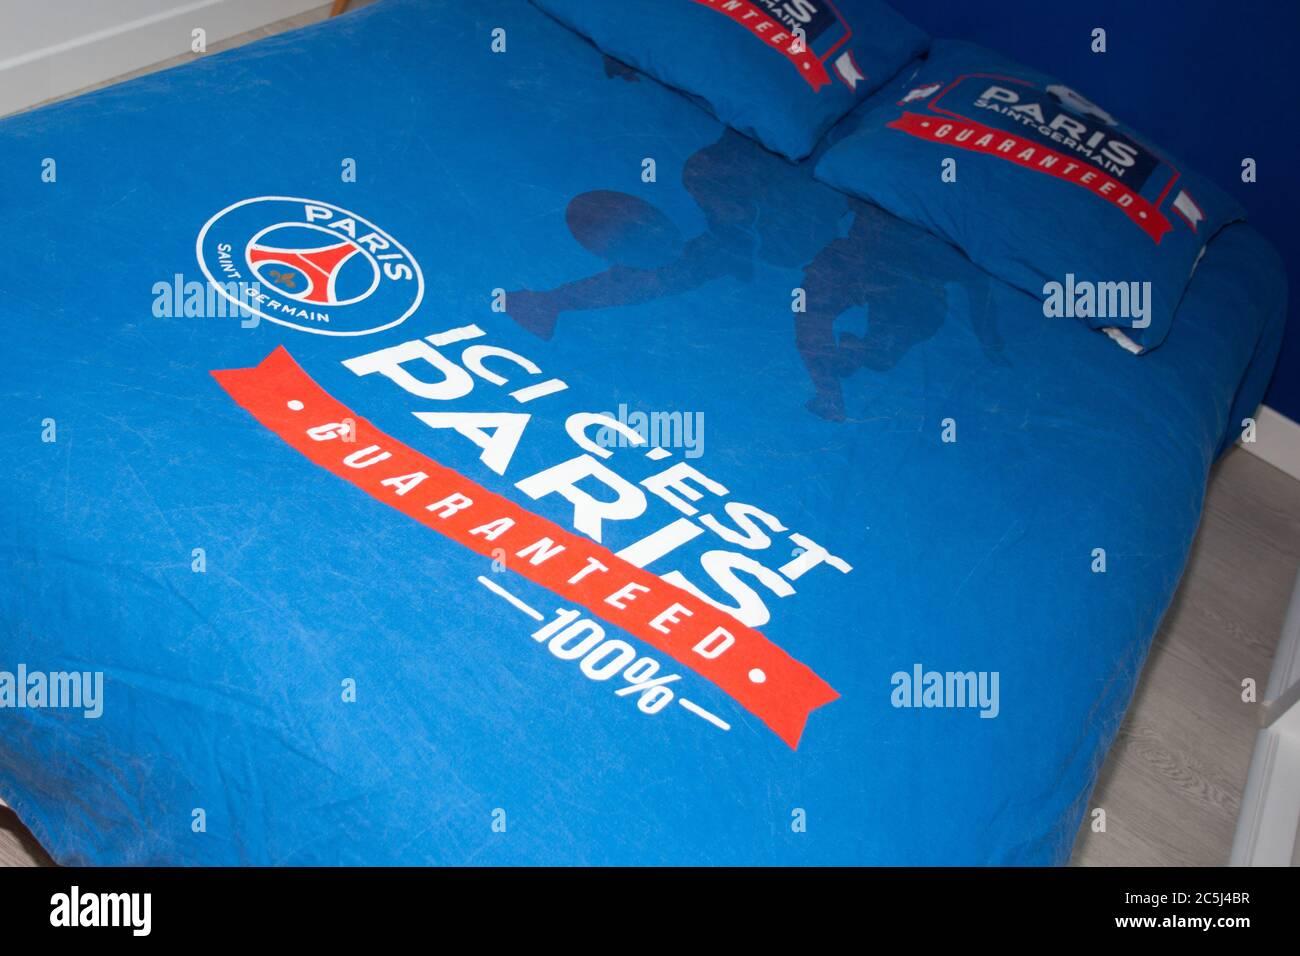 Psg Logo Stockfotos Und Bilder Kaufen Alamy